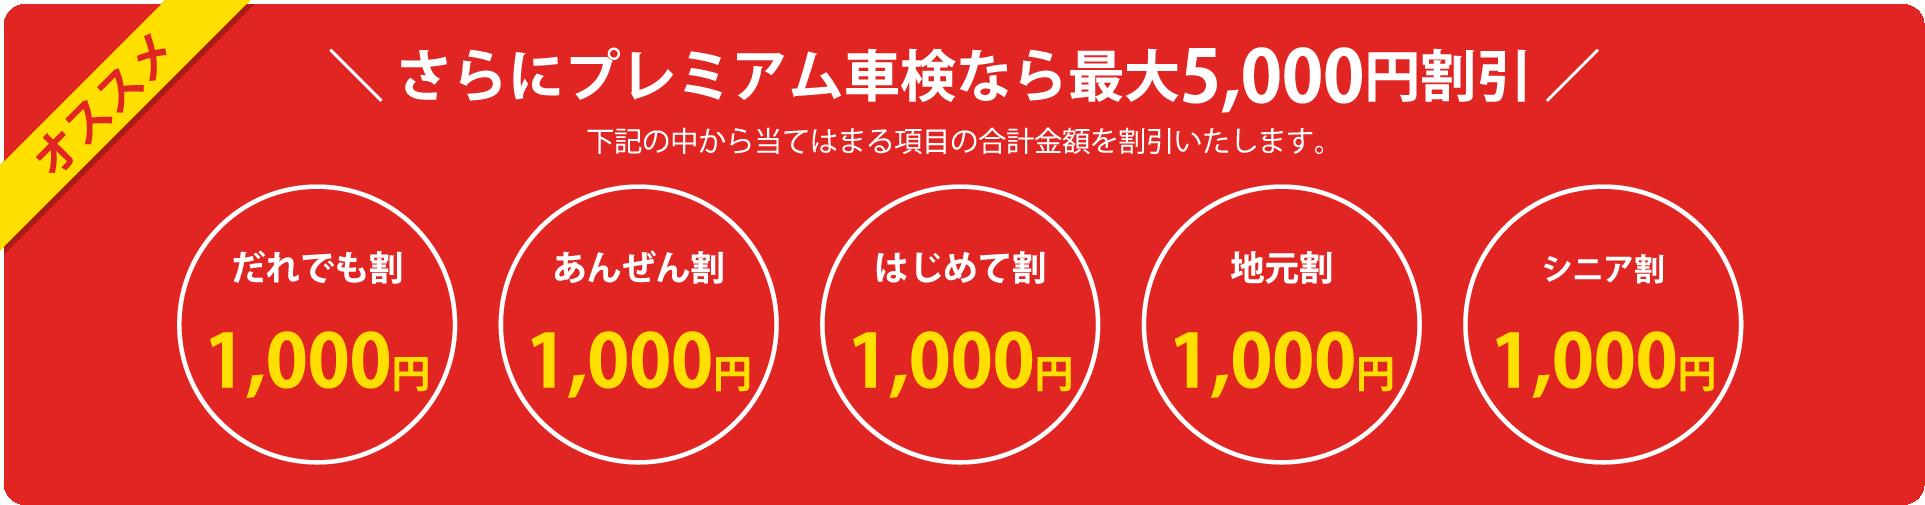 オススメ プレミアム車検なら最大5,000円割引 下記の中から当てはまる項目の合計金額を割引いたします。